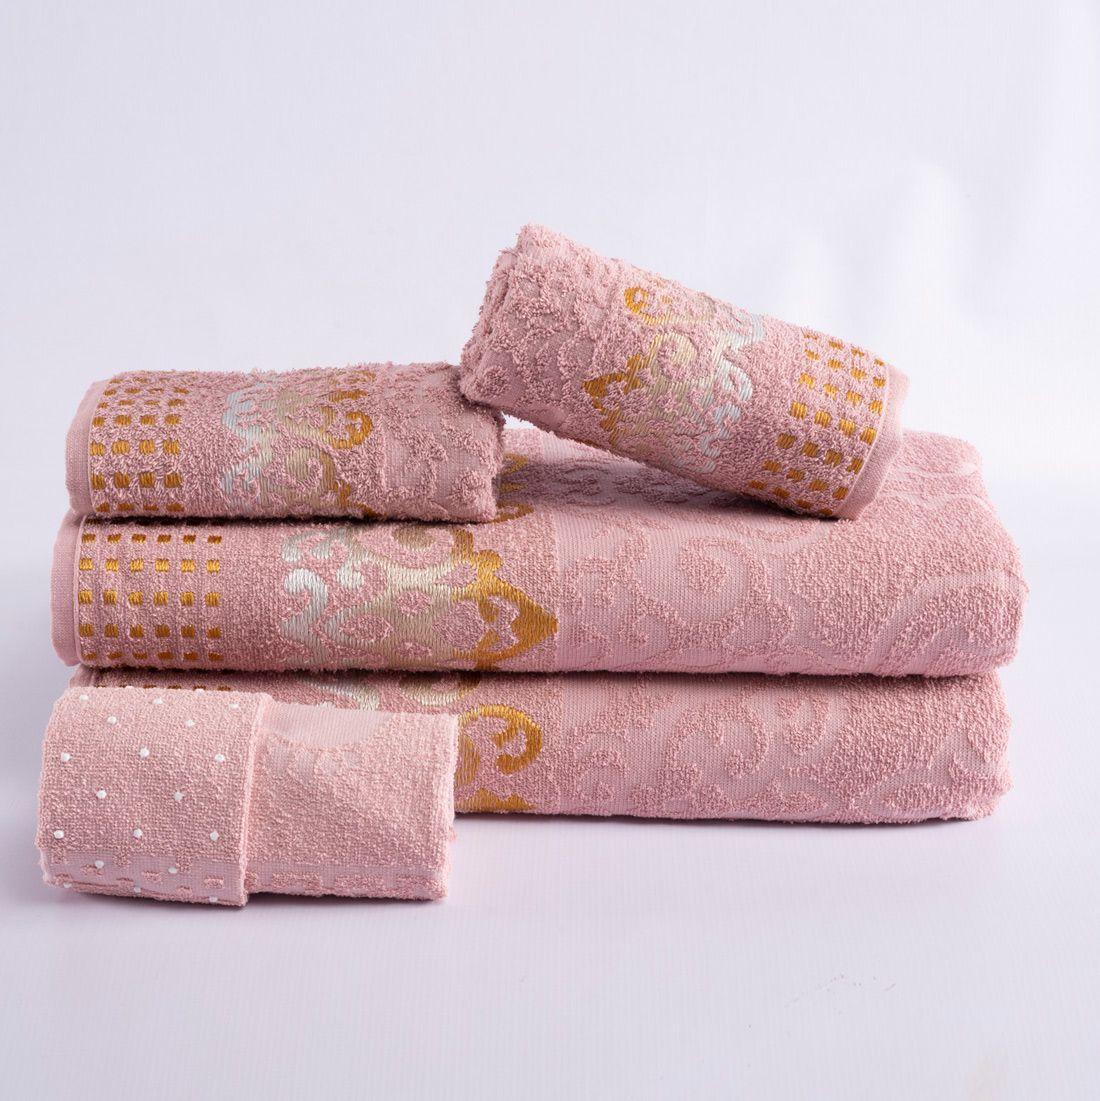 Jogo de Banho Sofisticata Rosê Felpa 100% Algodão 480 g/m² - 05 Peças